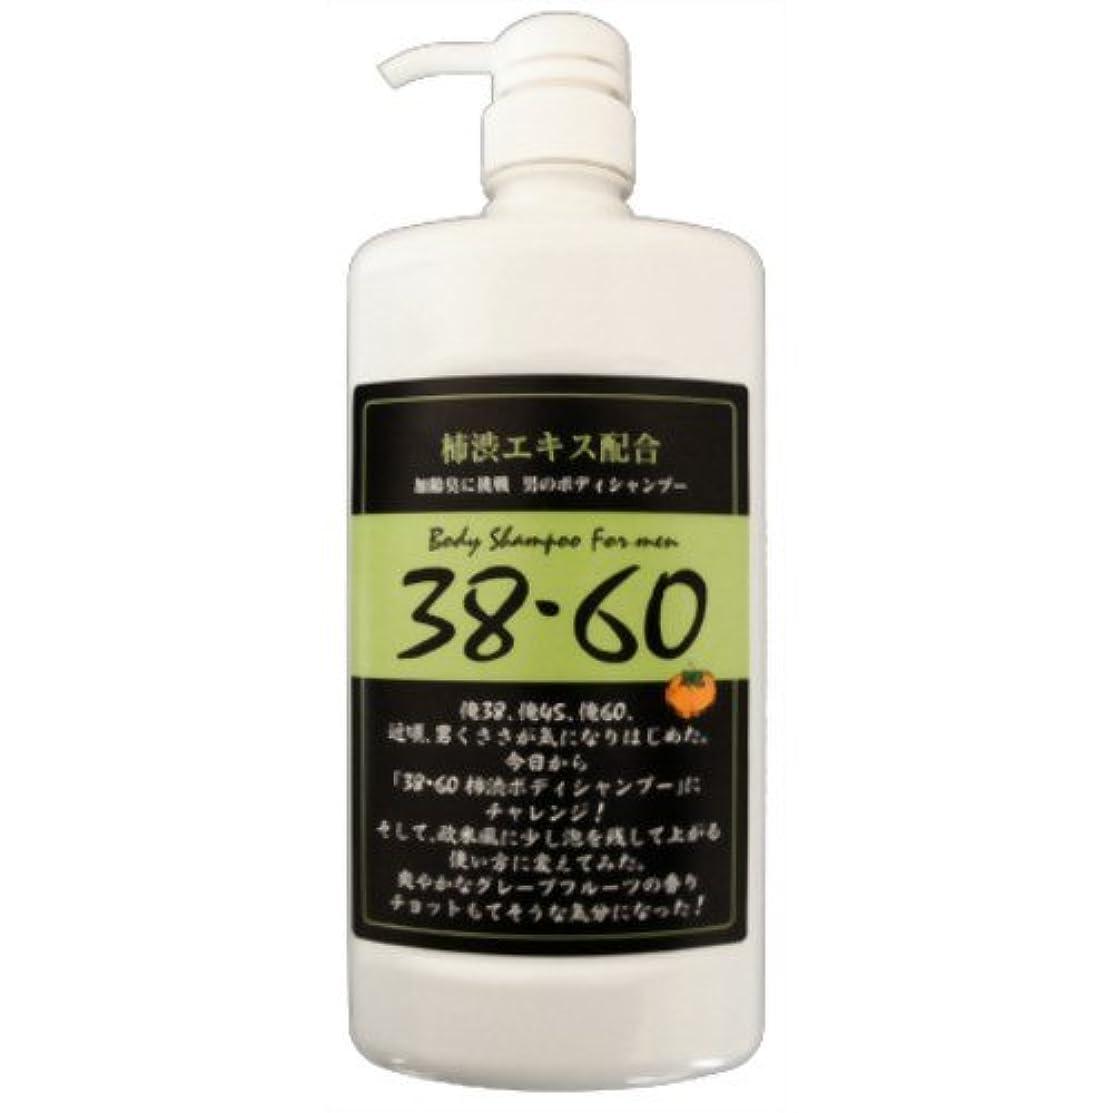 骨折会話シネマ38?60柿渋ボディシャンプー詰替1500ml